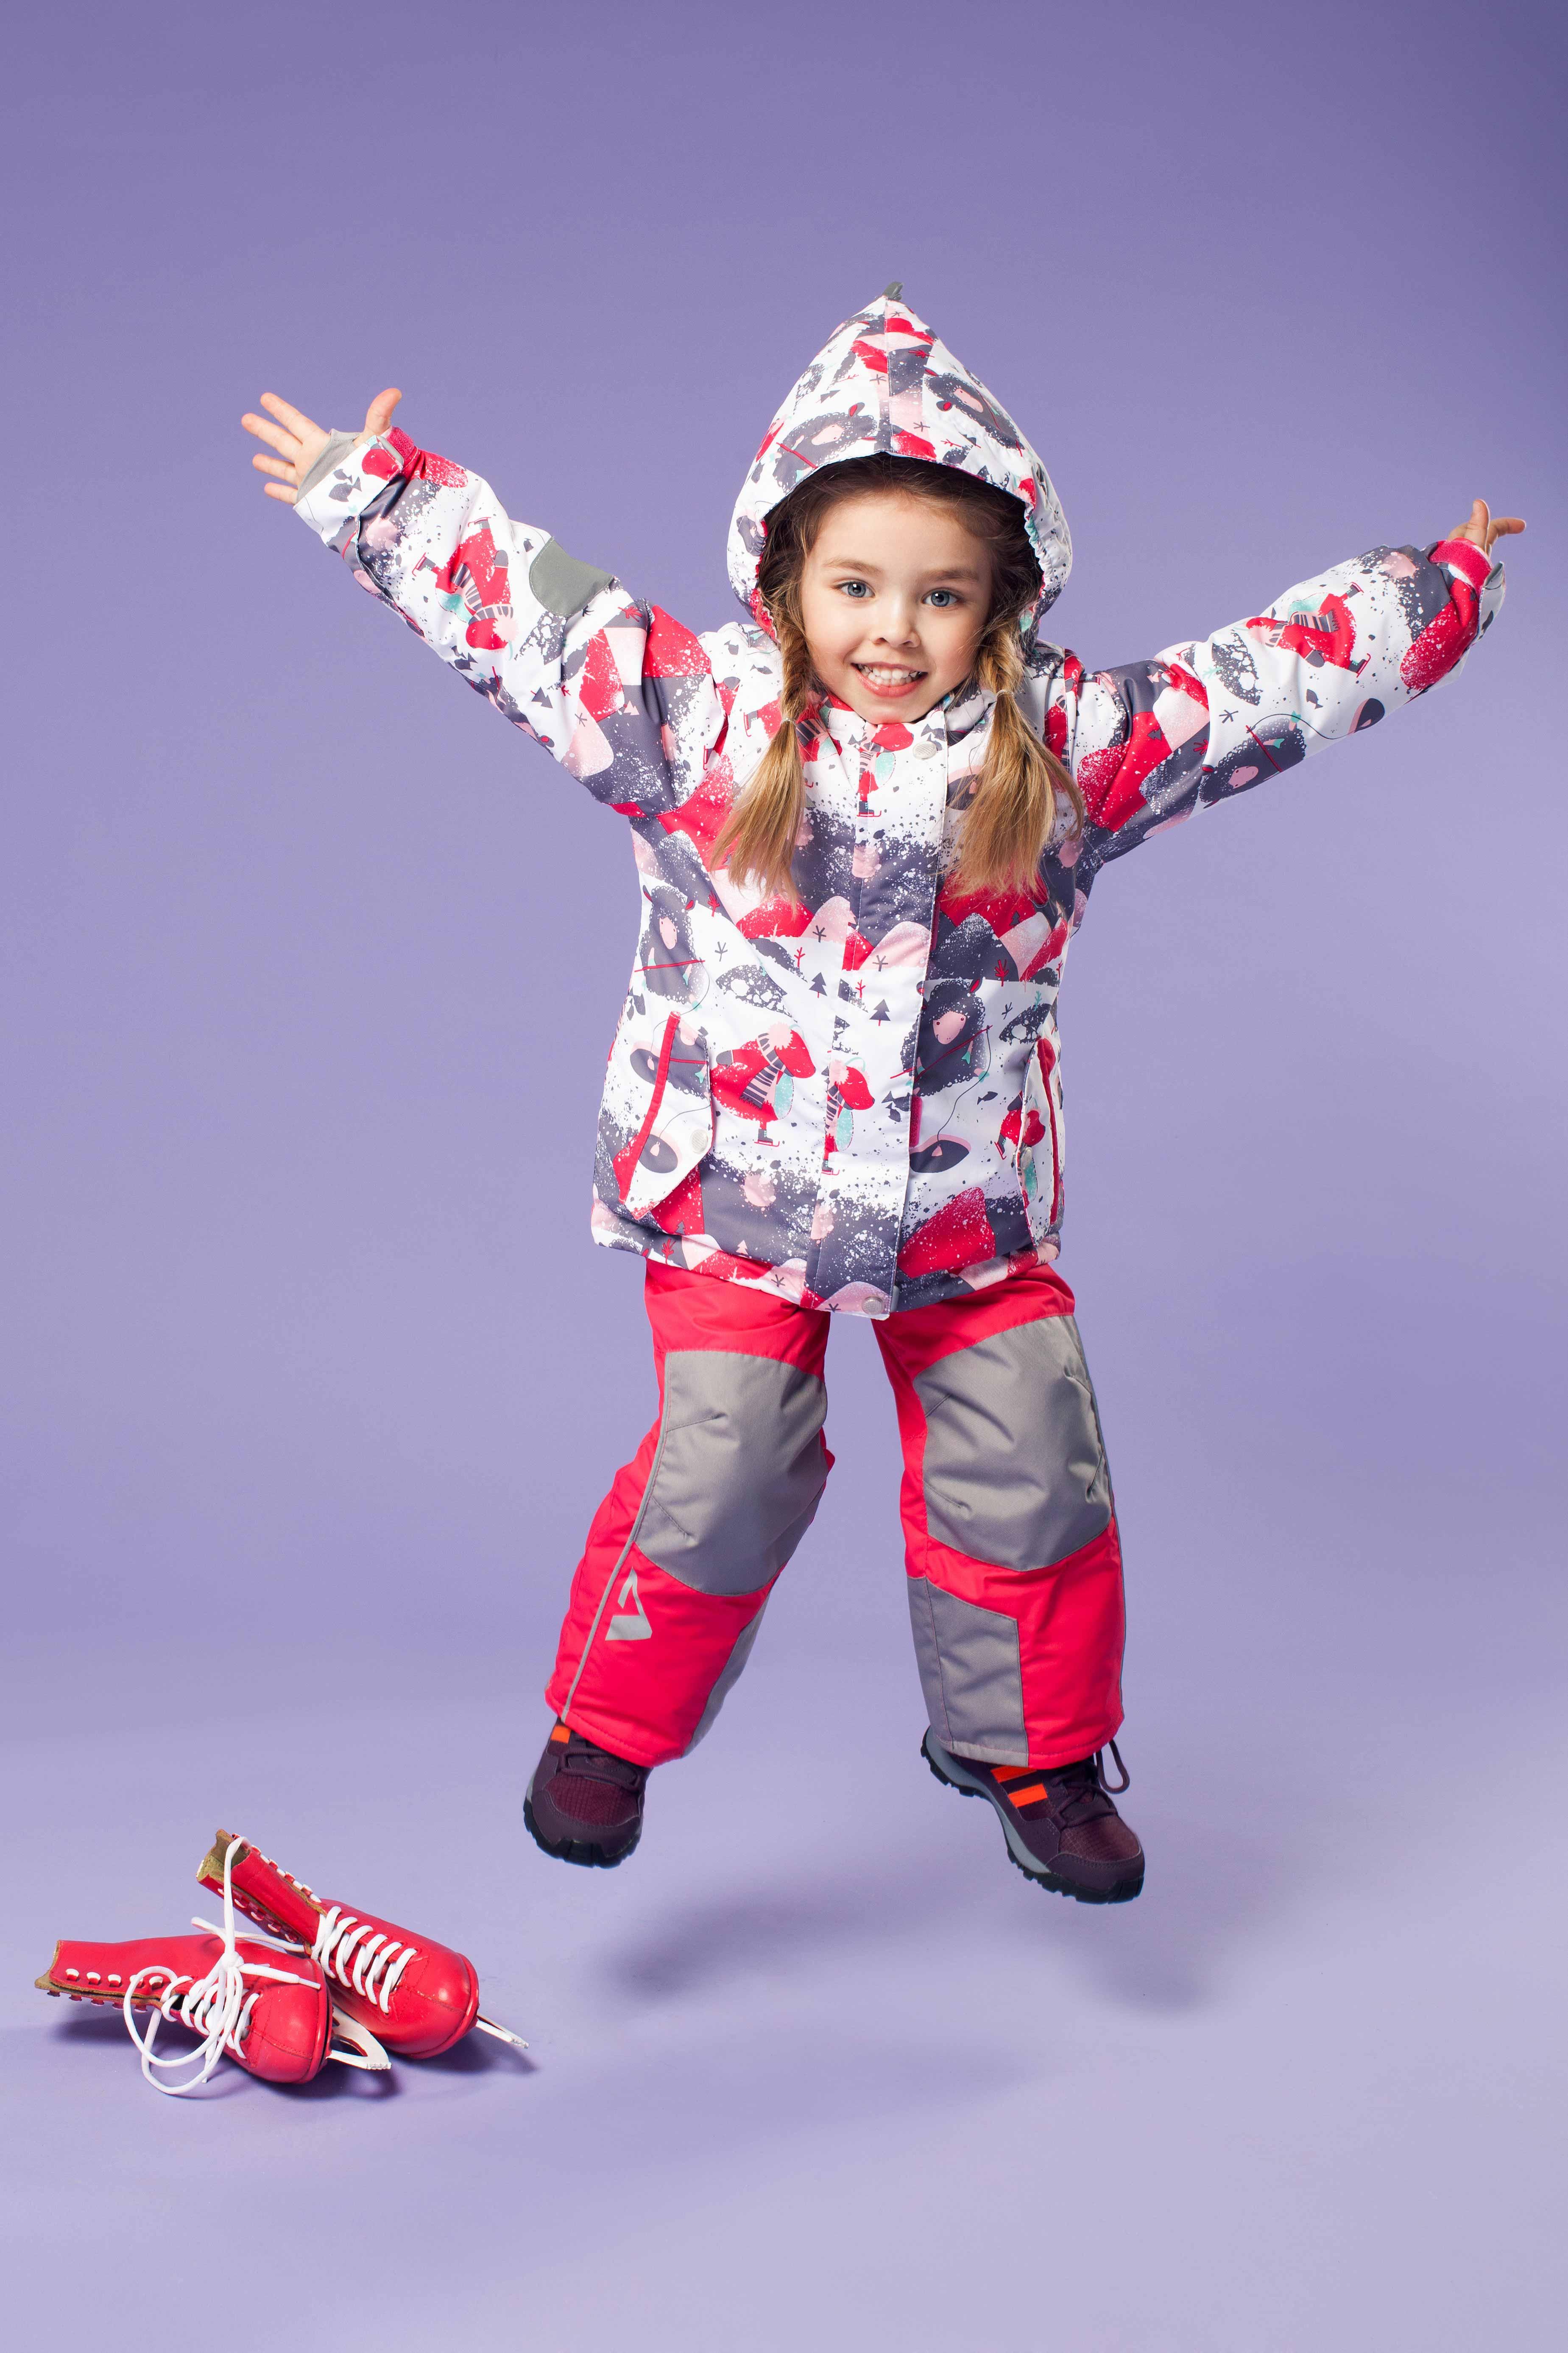 [b]Сбор заказов. Теплые зимние костюмы и комбинезоны для зимних забав от ол*до*с! Большой выбор ярких мембранных комплектов, флиса, термобелья, краг и шапочек-шлемов!Продуманный дизайн и низкие цены (от 2700р за зимний мембр. костюм)! Выкуп-42 [/b]